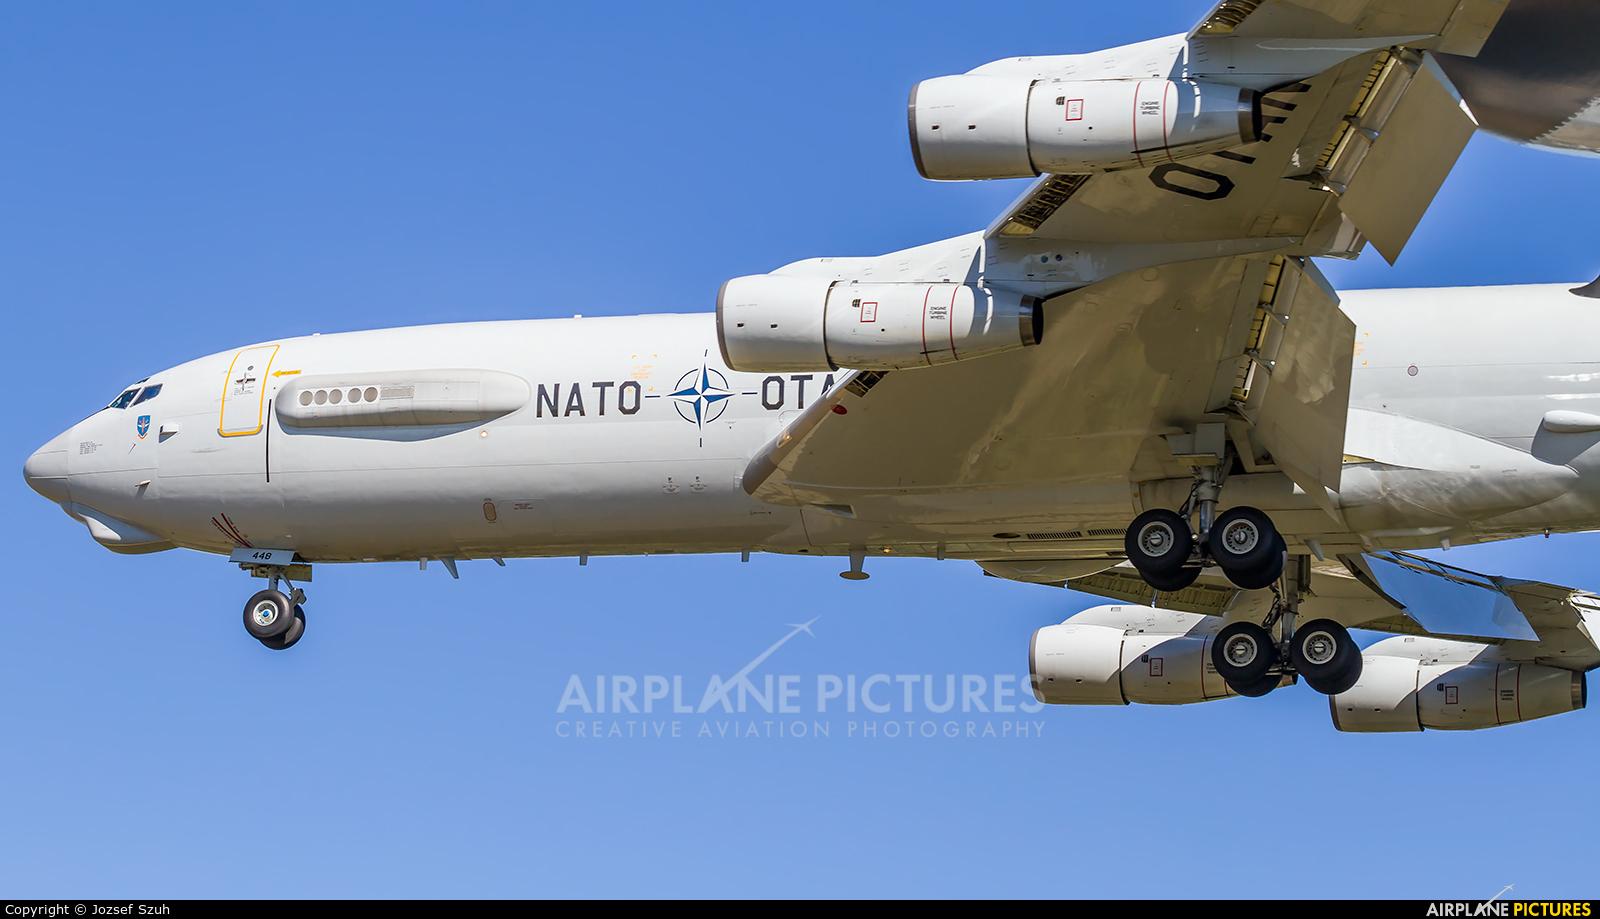 NATO LX-N90448 aircraft at Kecskemét